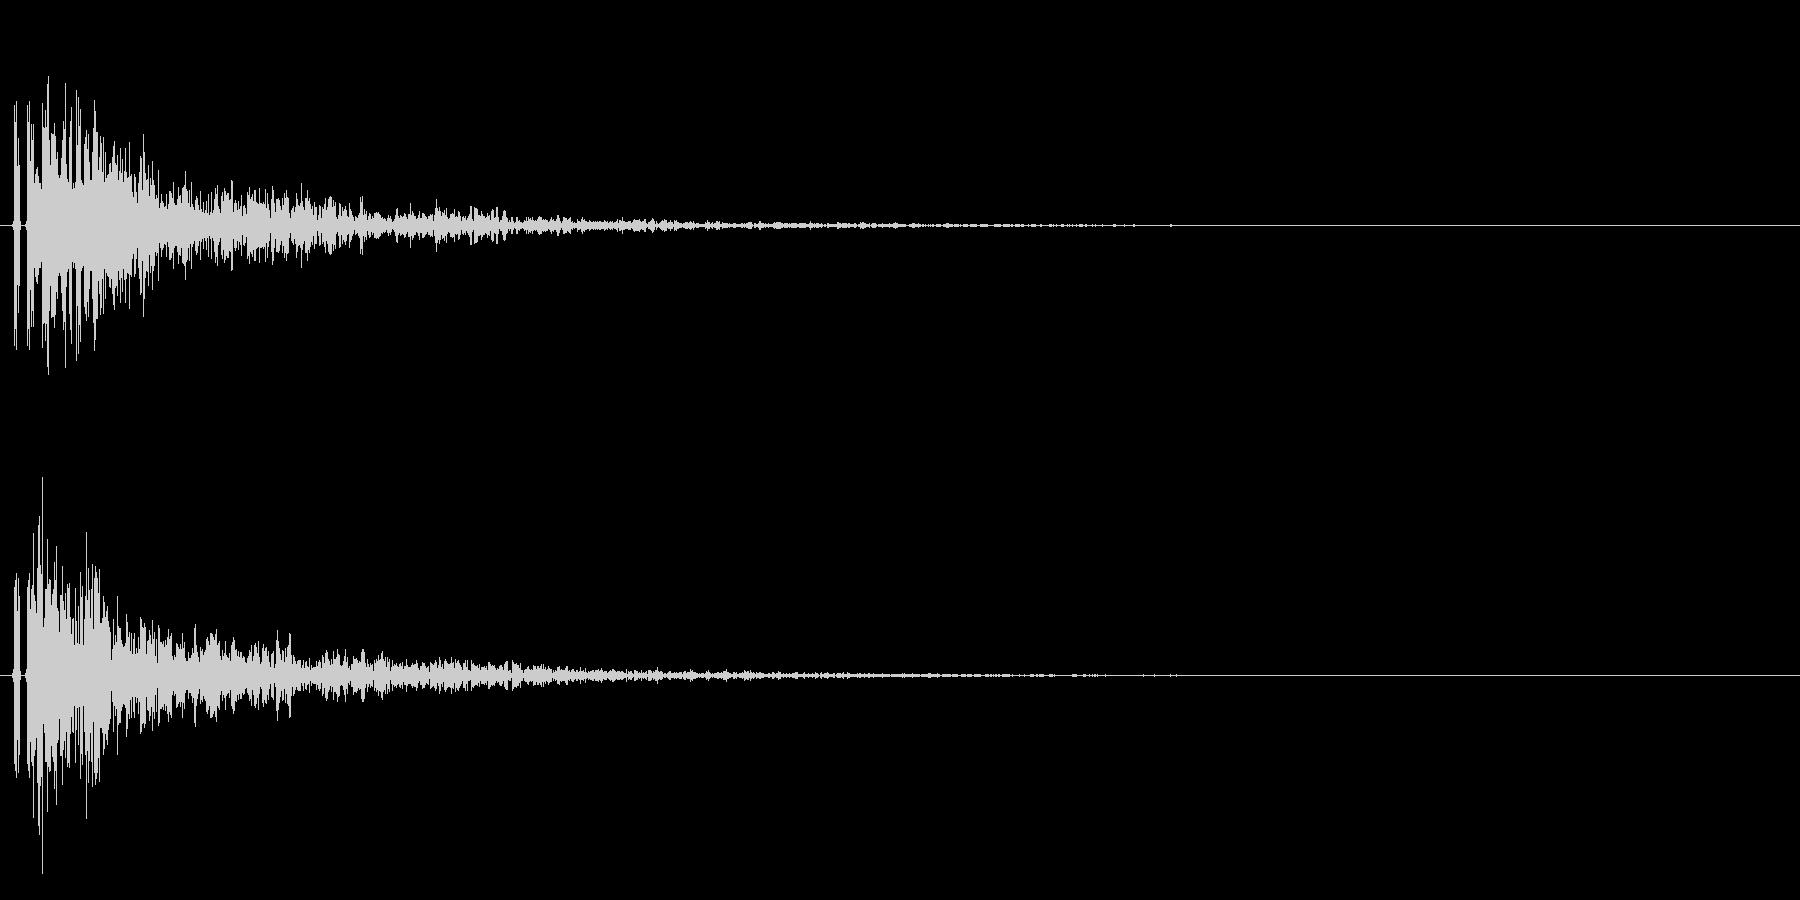 バスケットボールのダンクシュート音!01の未再生の波形